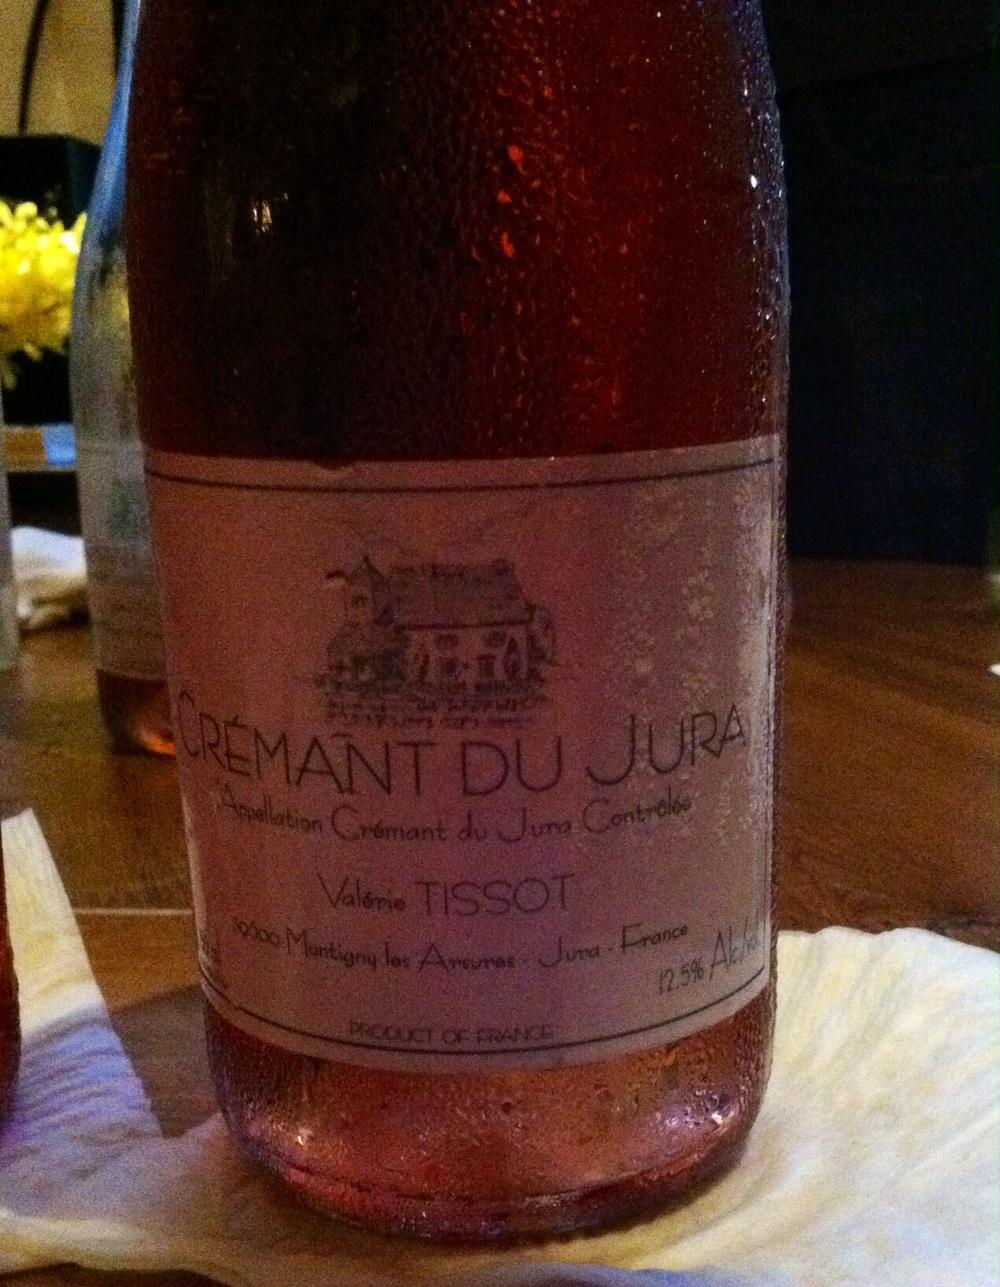 Tissot, Cremant du Jura, France, NV. Photo by Shana Sokol, Shana Speaks Wine